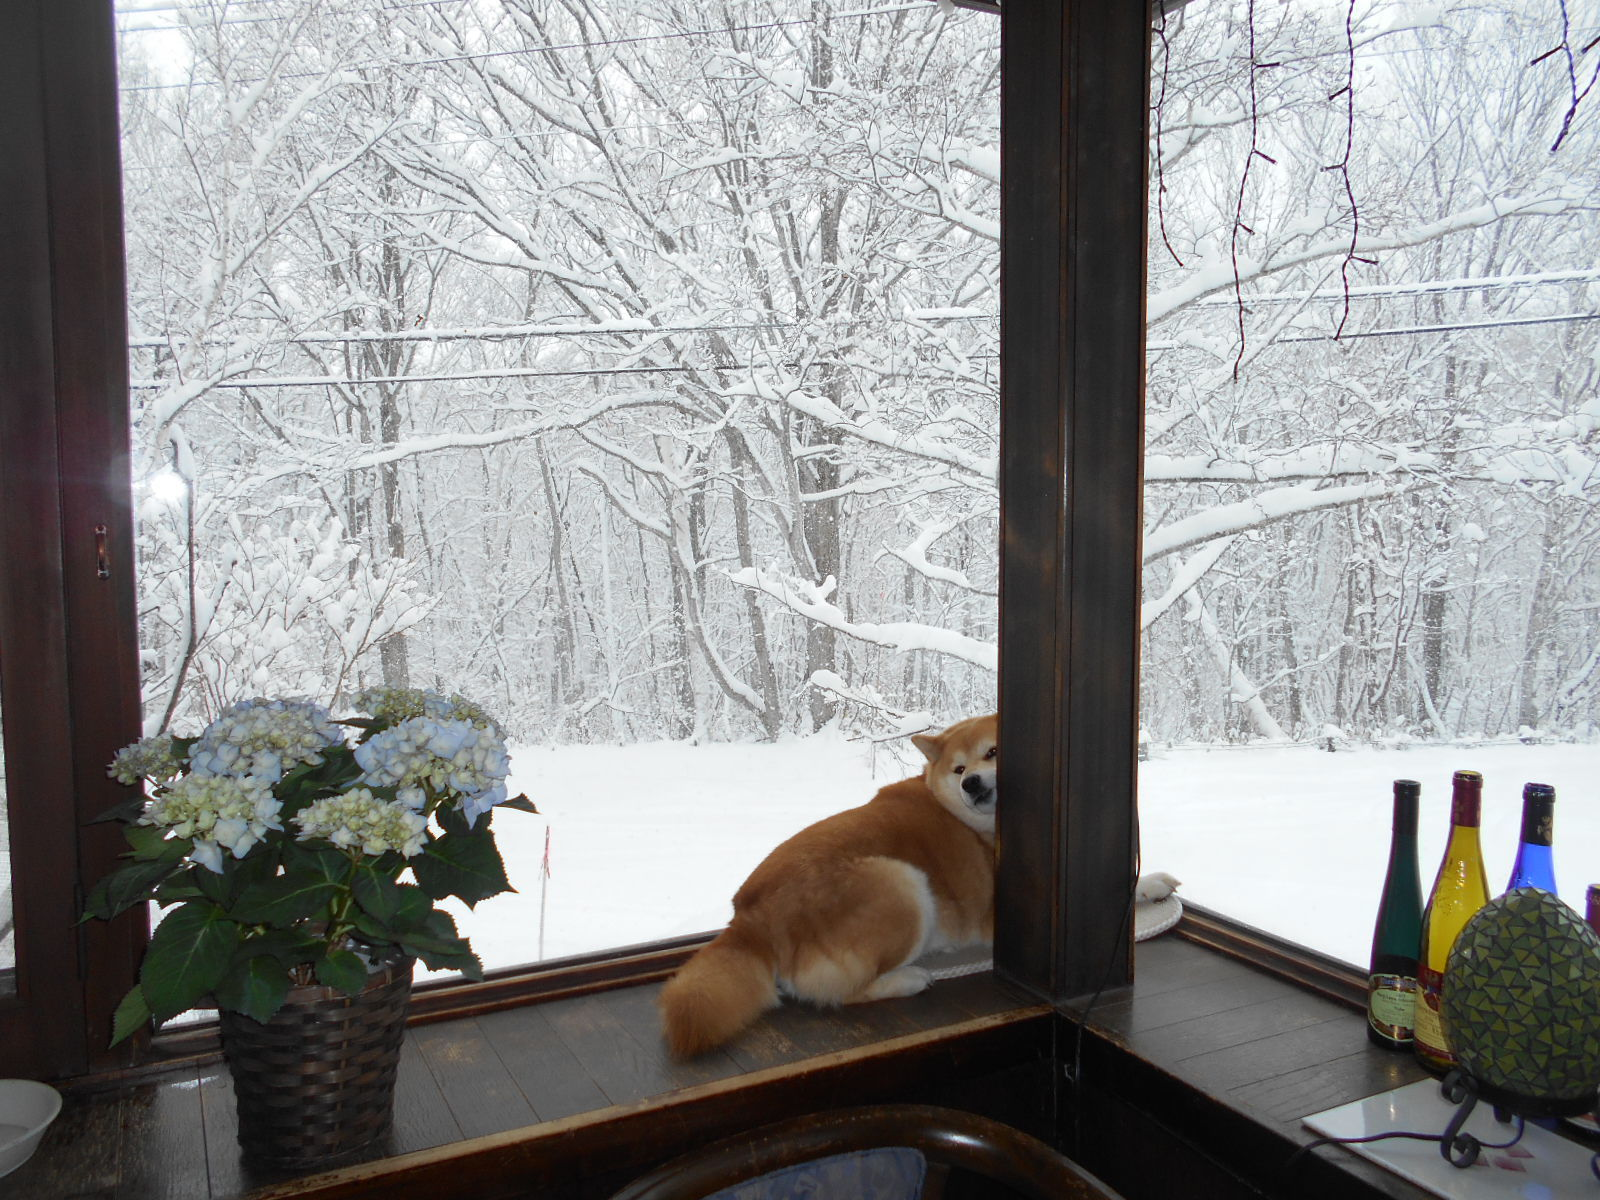 4月6日 月曜日 大雪 0度_f0210811_09211116.jpg